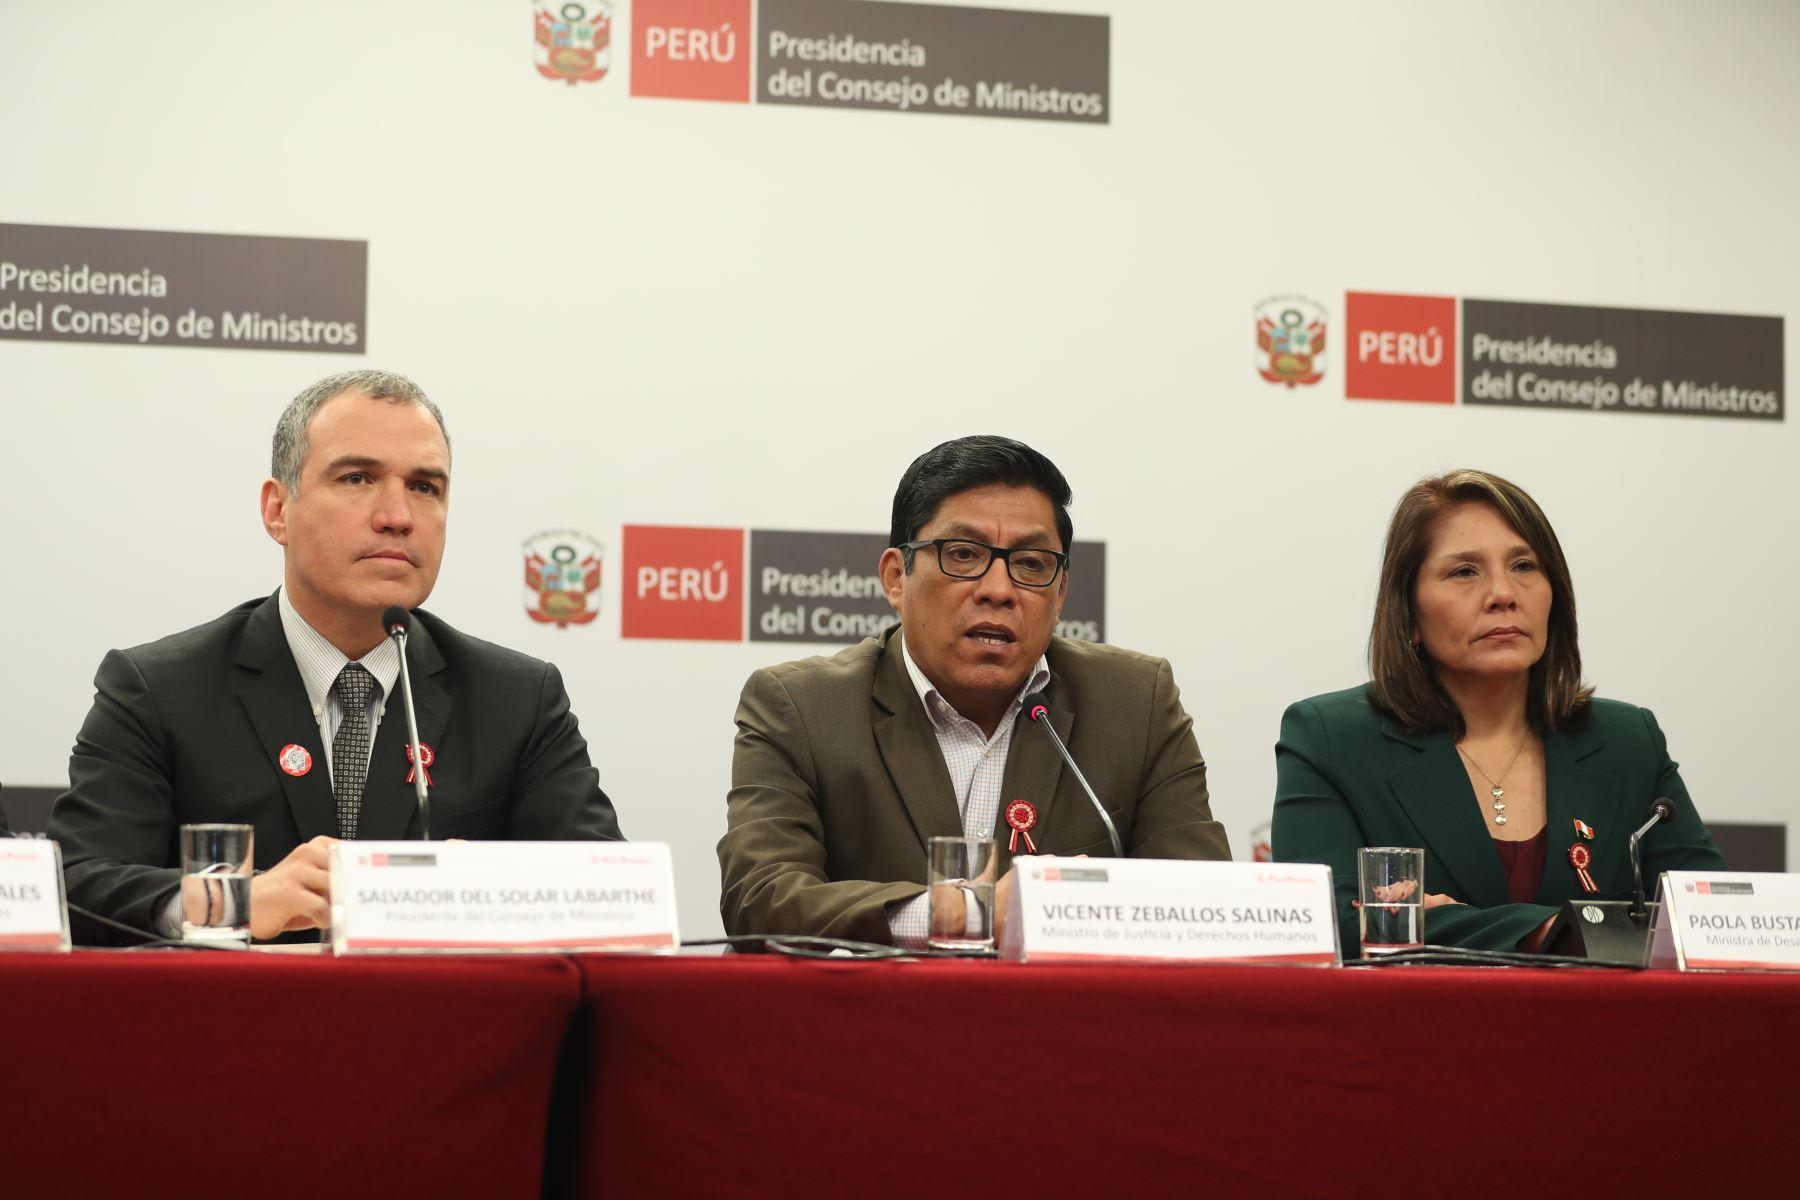 Primer ministro, Salvador del Solar brinda conferencia de prensa para abordar temas de la coyuntura nacional luego de la reunión del Consejo de Ministros. Foto: ANDINA/Prensa Presidencia